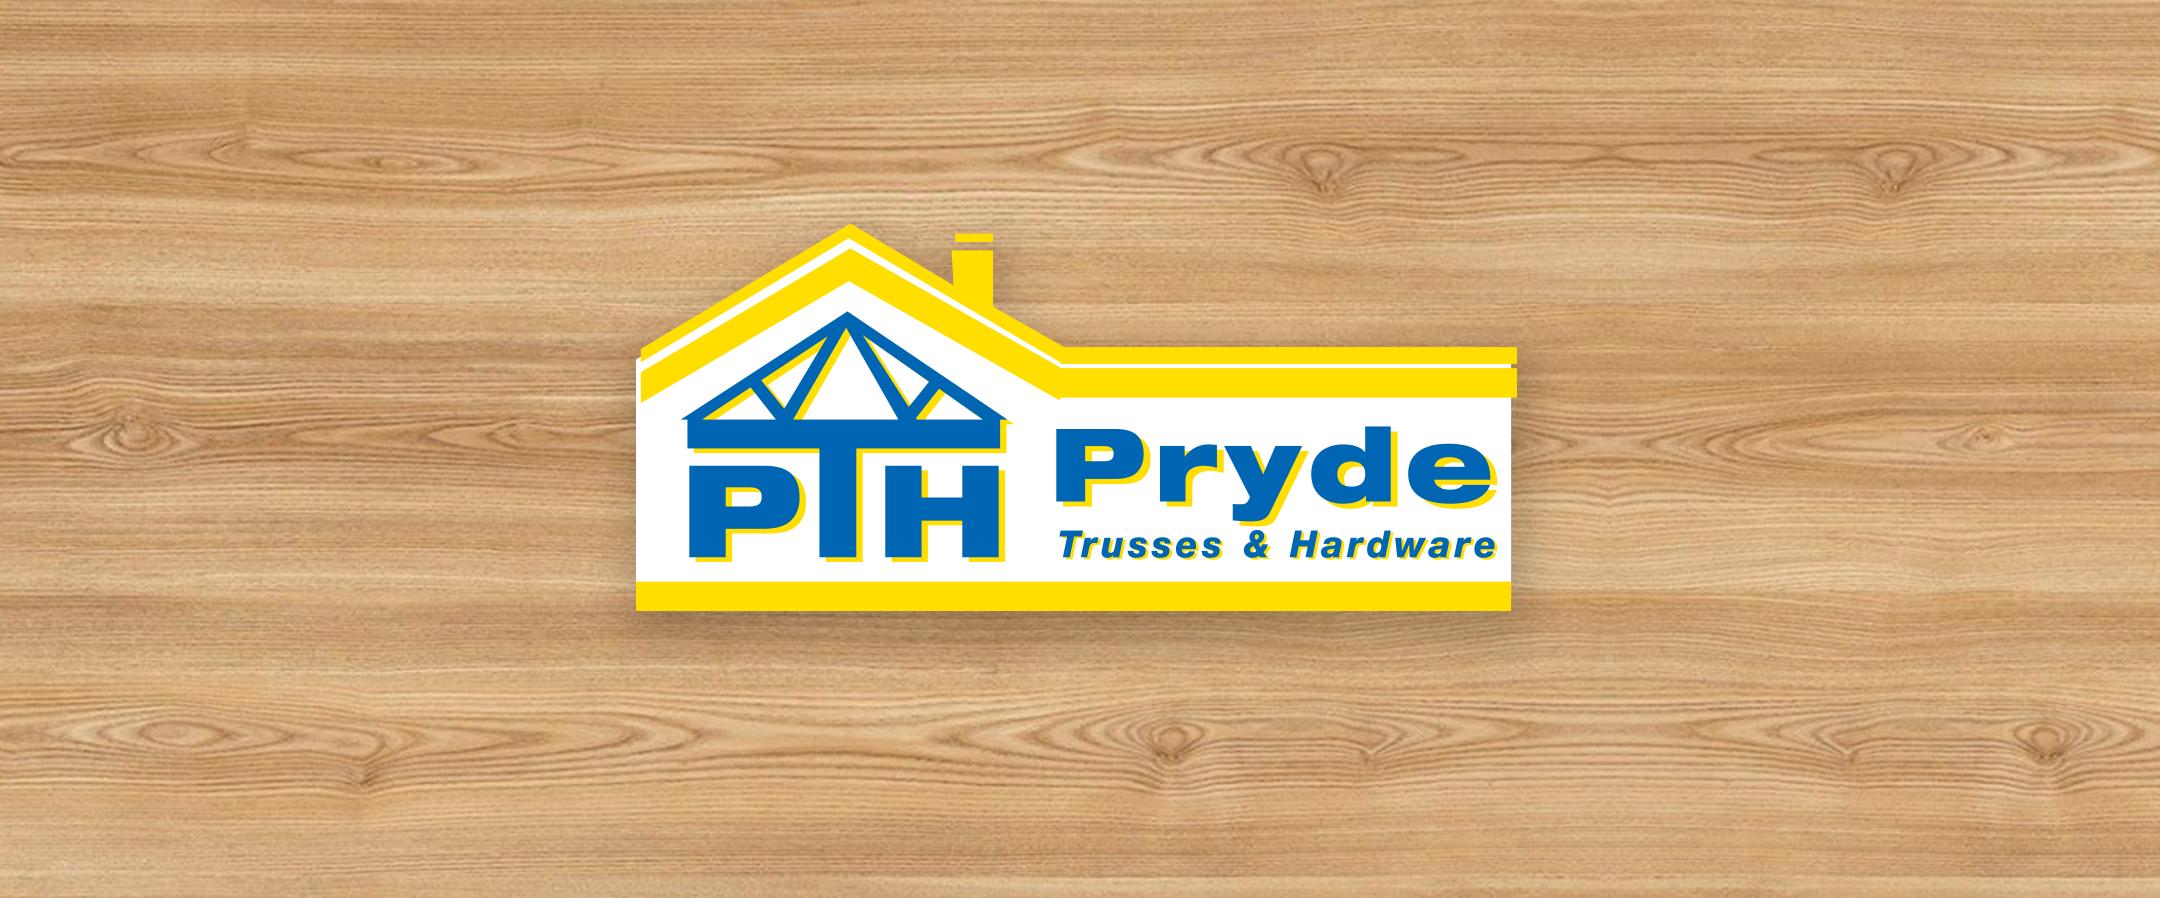 pryde header - Pryde trusses & hardware